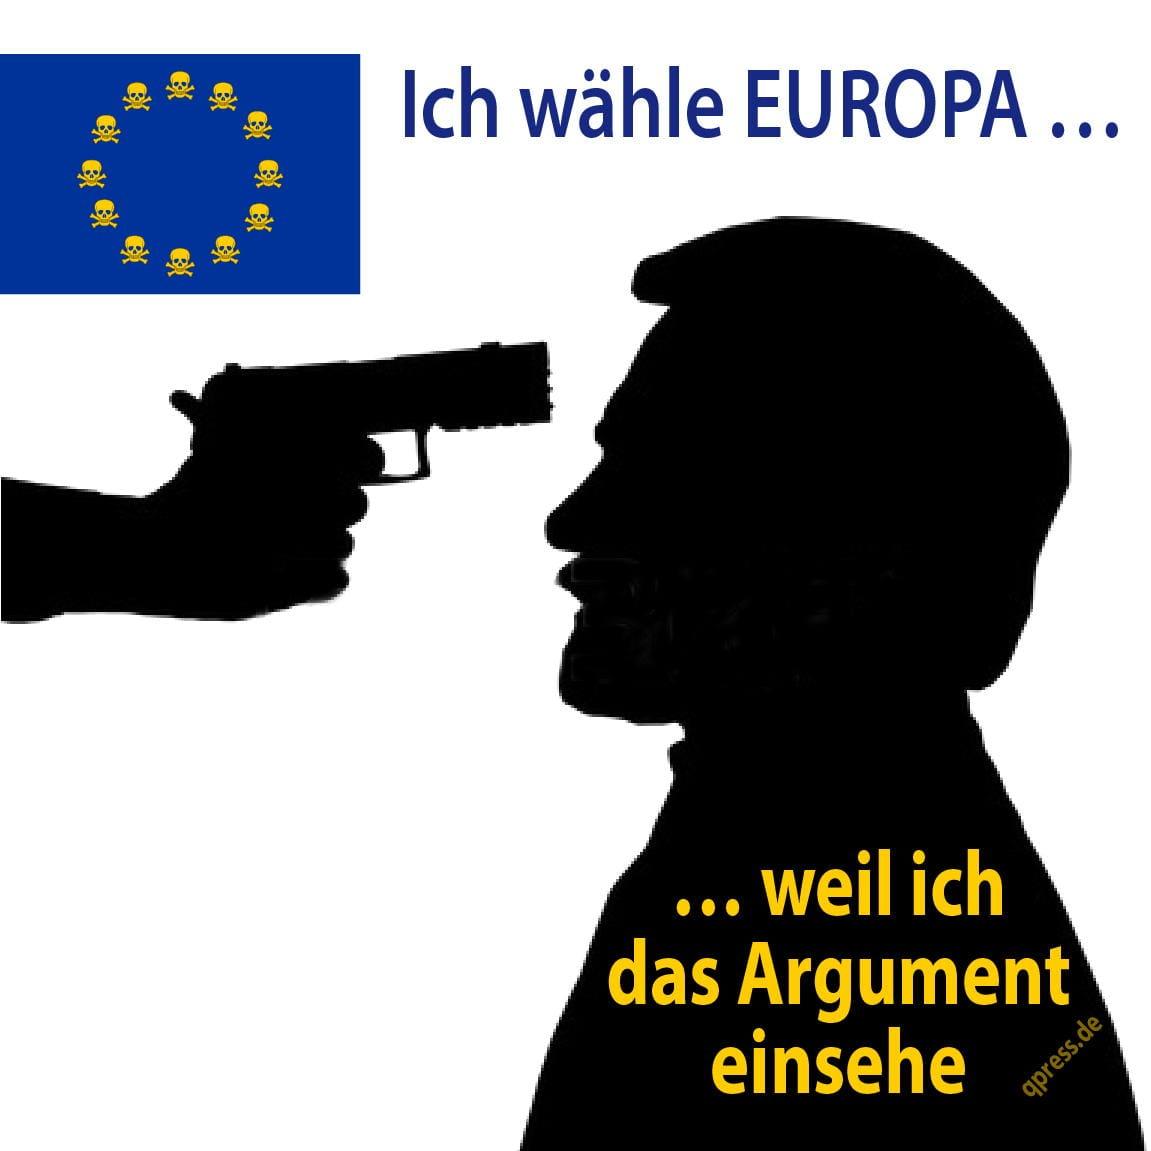 ich_waehle_europa__weil_ich_das_argument_einsehe_qpress-01